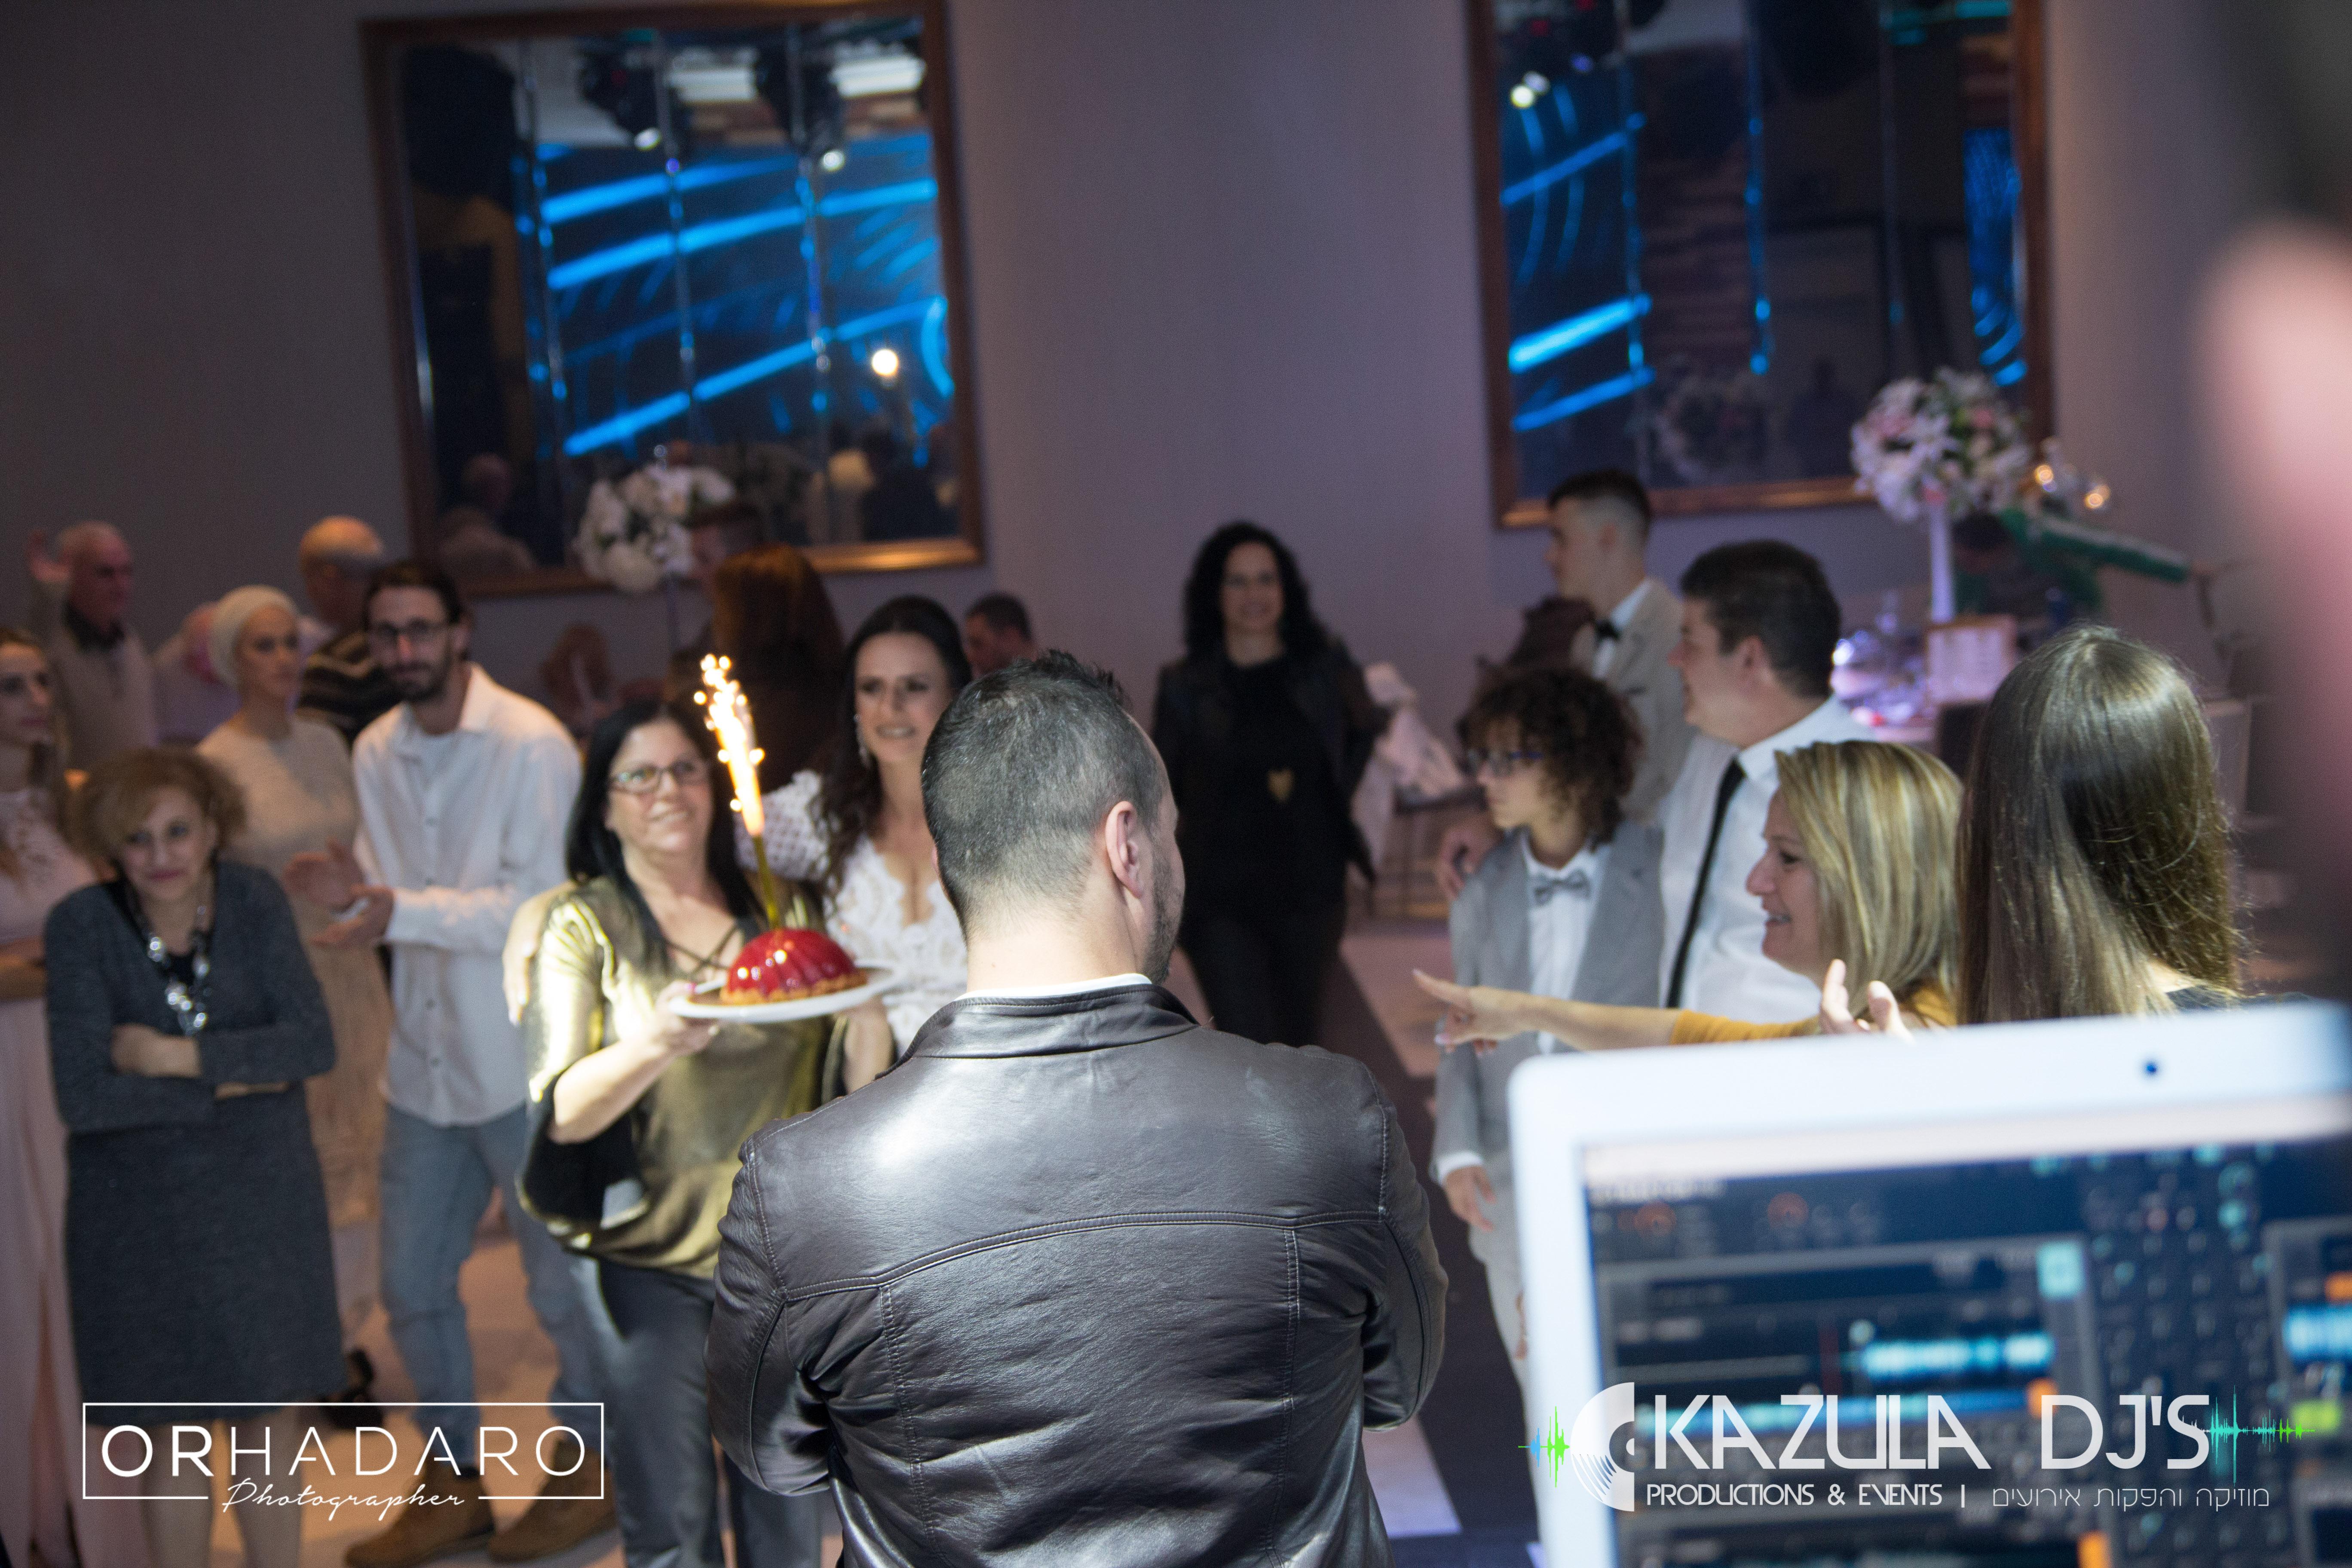 עוגת יום הולדת kazula djs